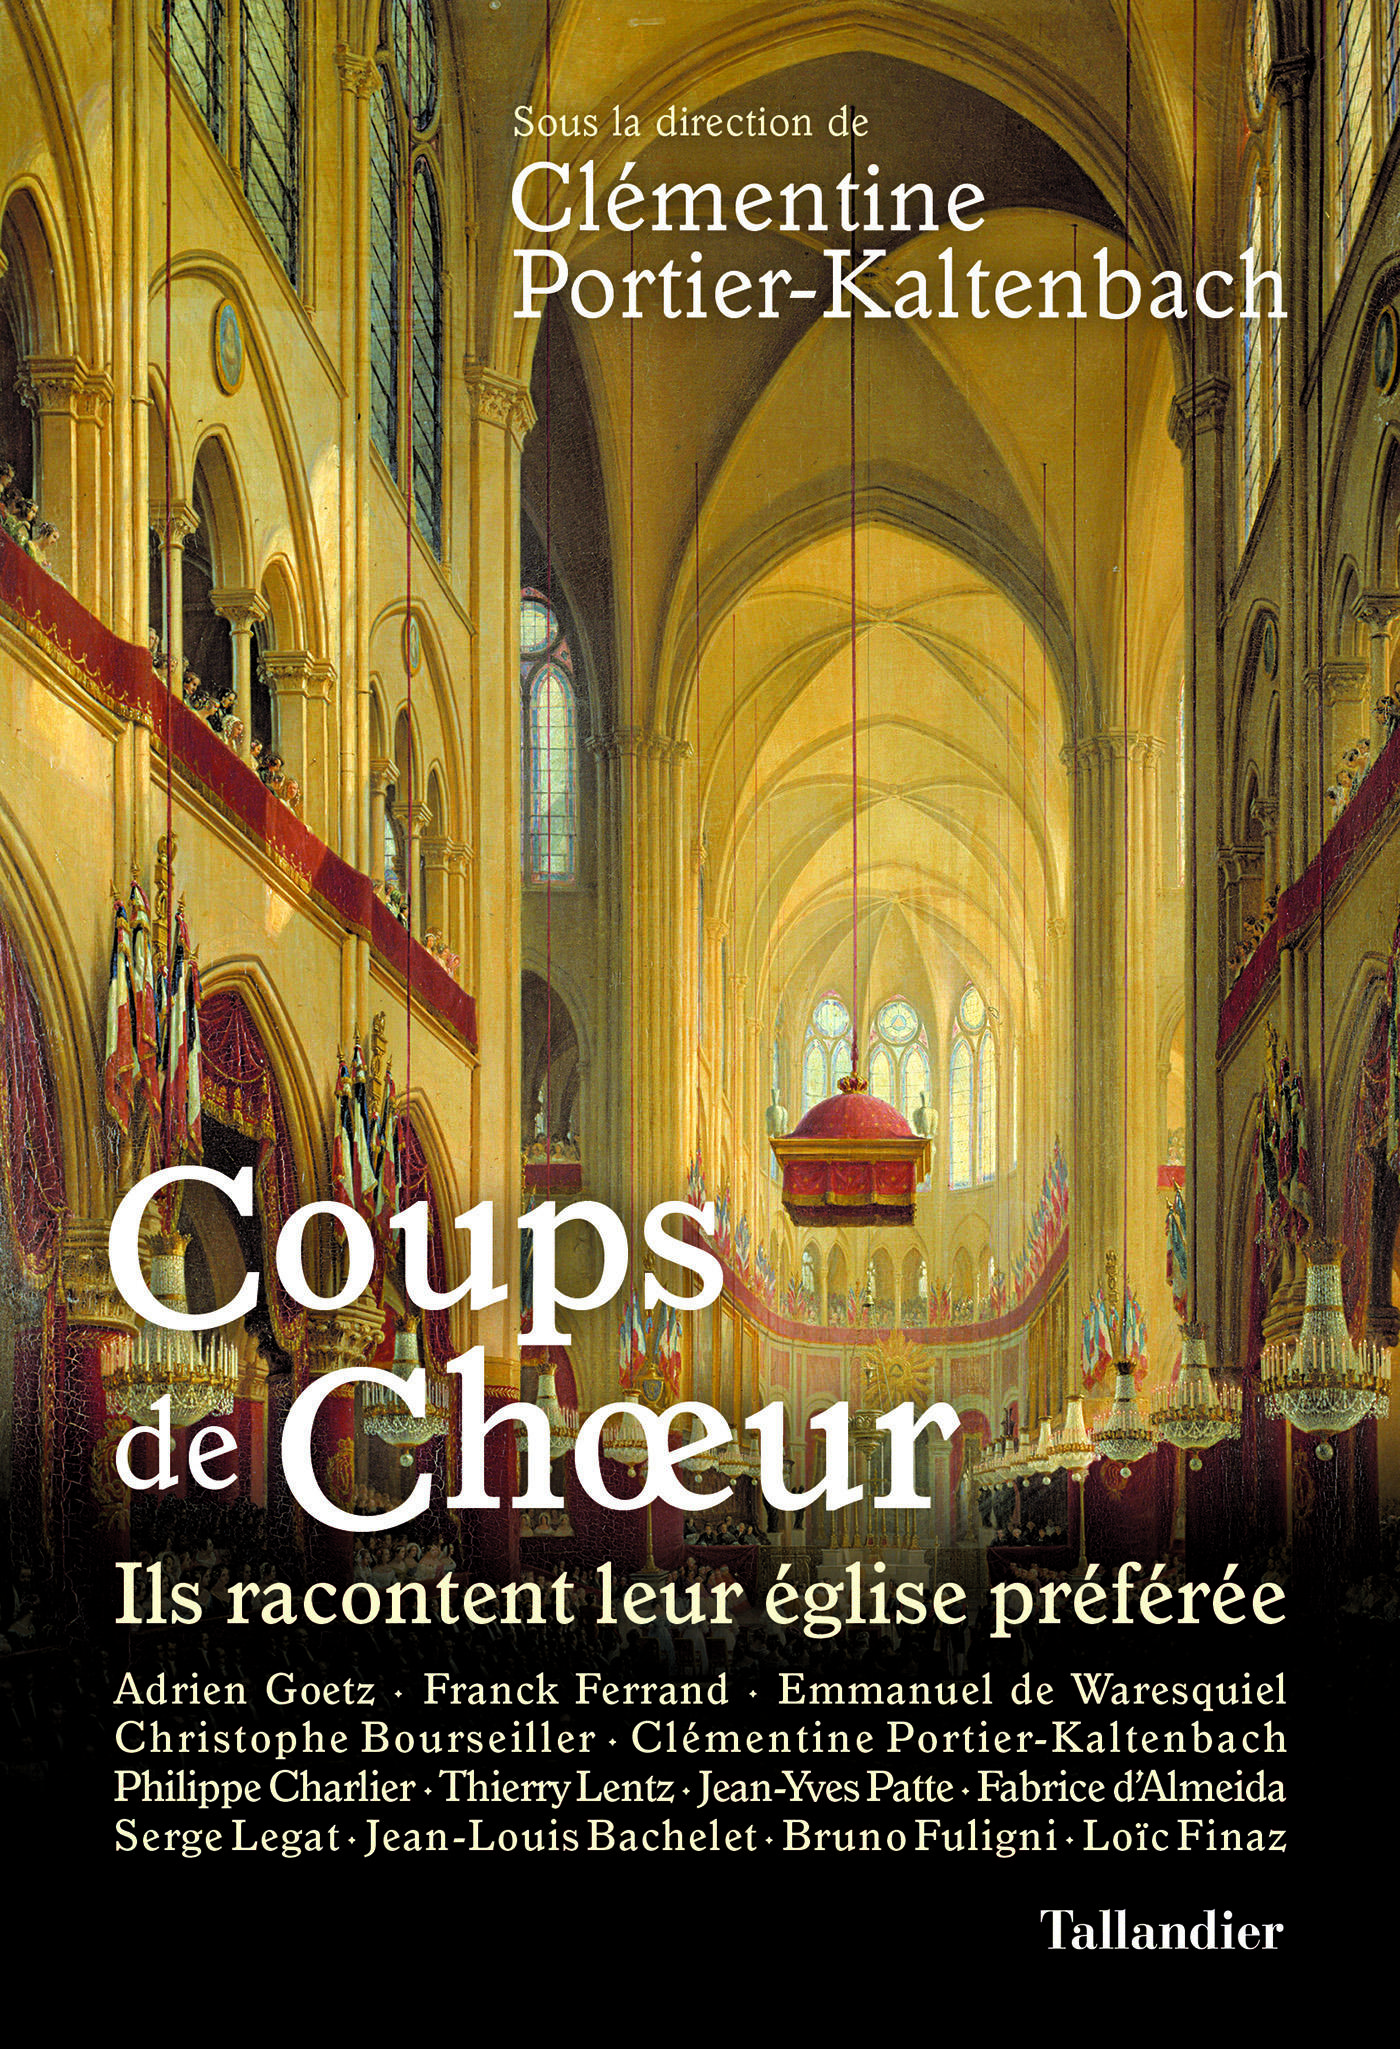 Coups de chœur - Ils racontent leur église préférée